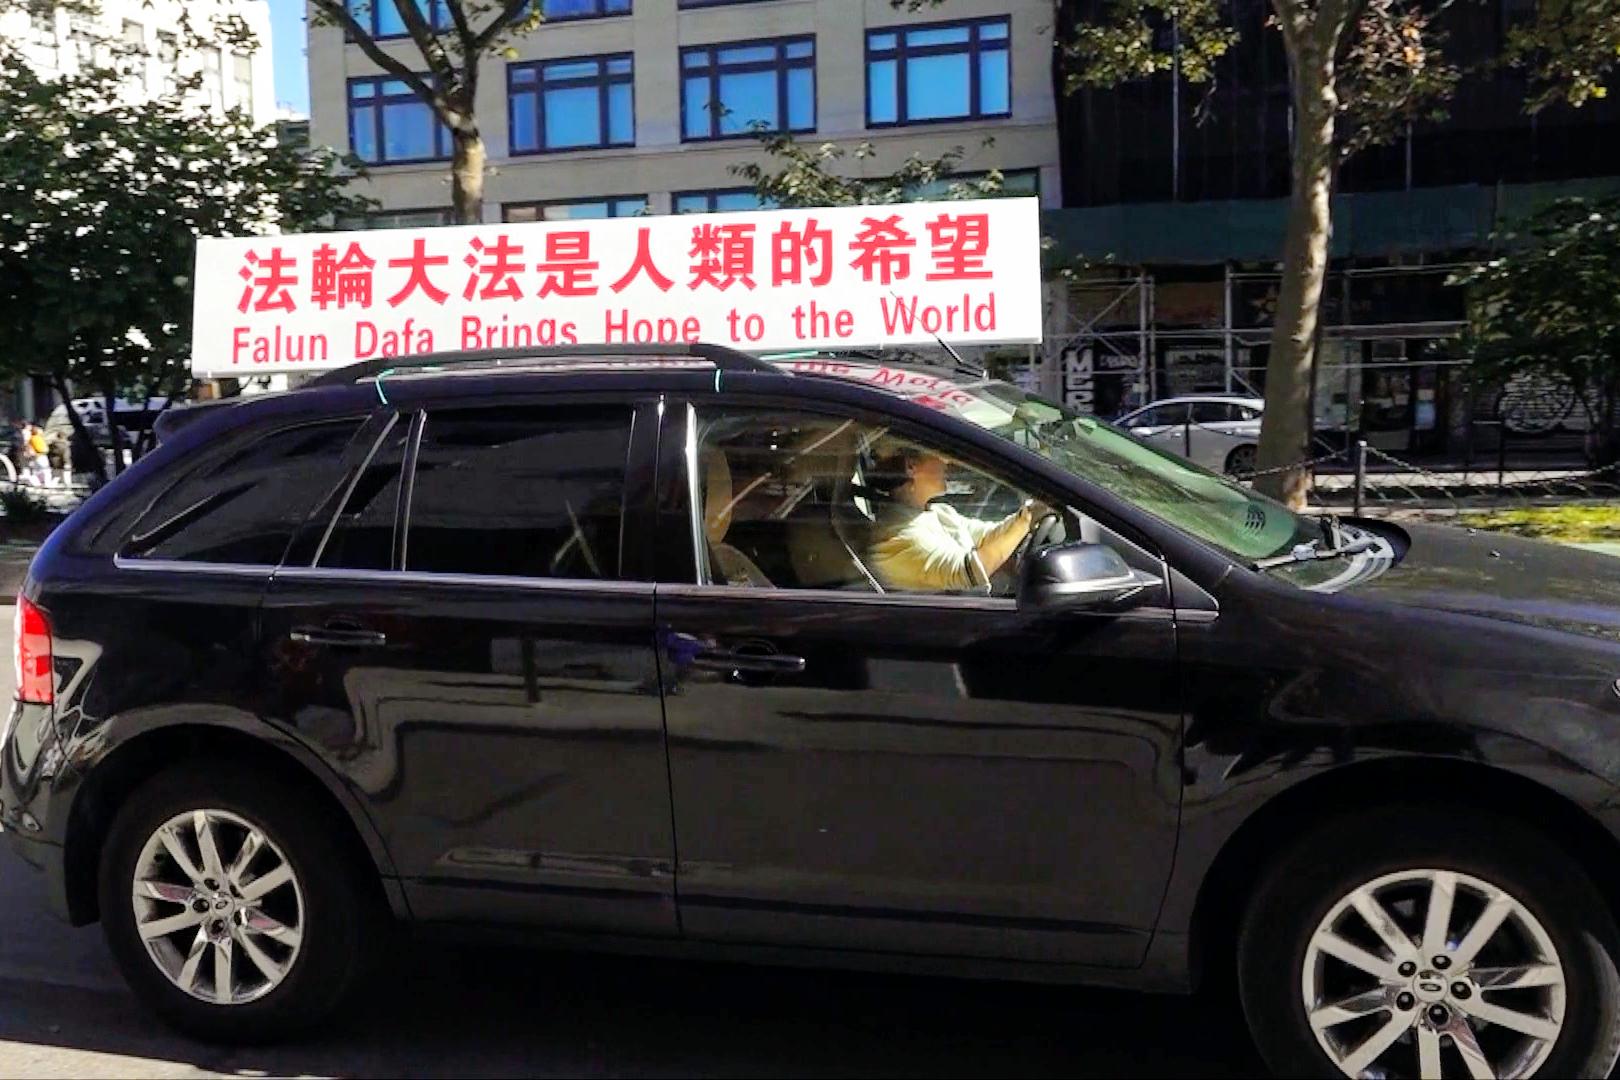 法轮功车队华埠游行 穿梭闹市传真相